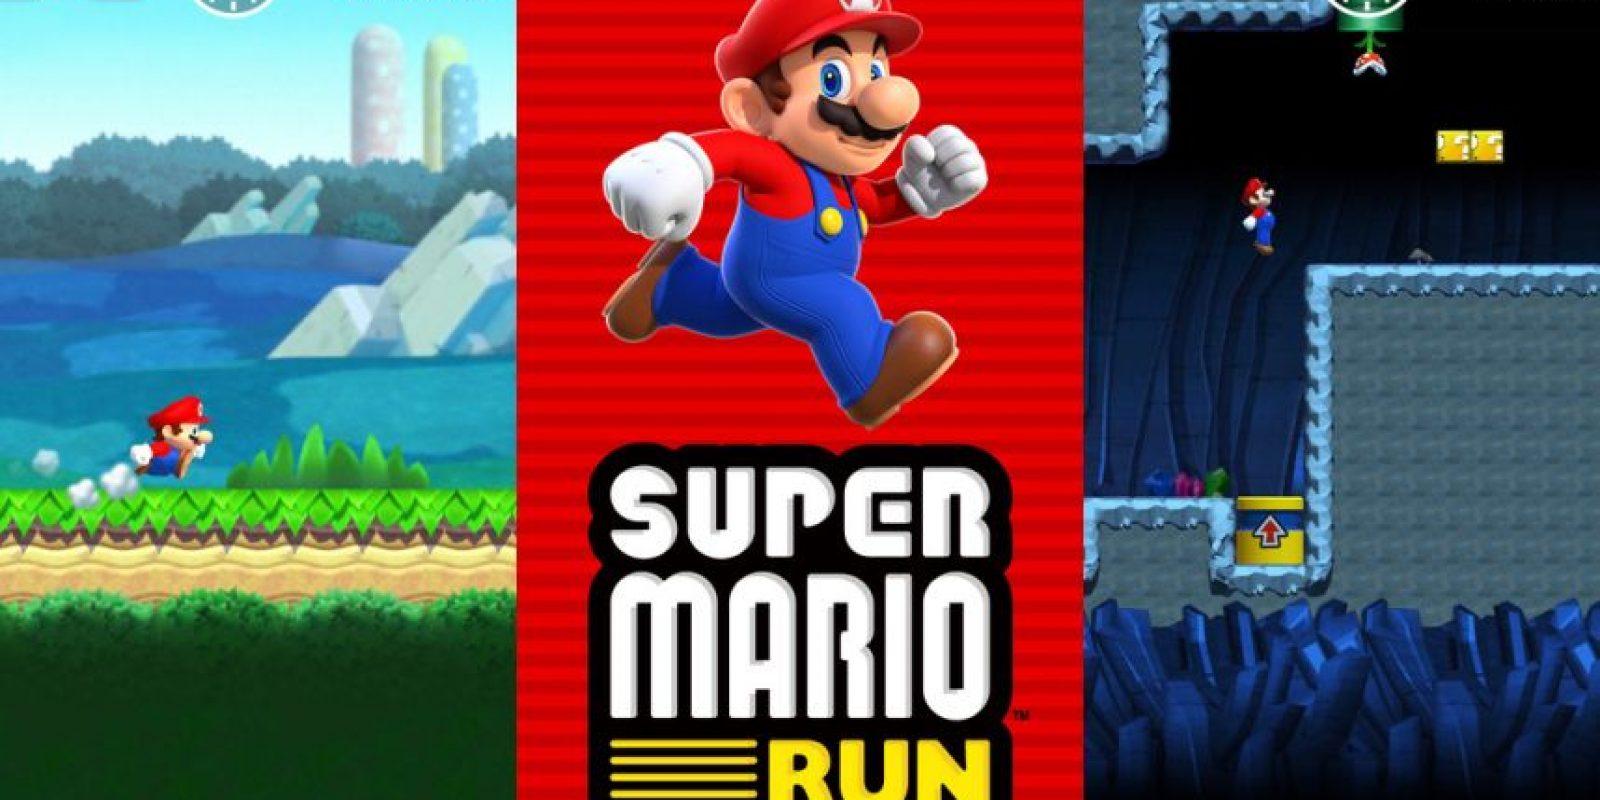 """""""Super Mario Run"""" es el primer videojuego oficial de Nintendo para smartphones. Foto:Nintendo. Imagen Por:"""